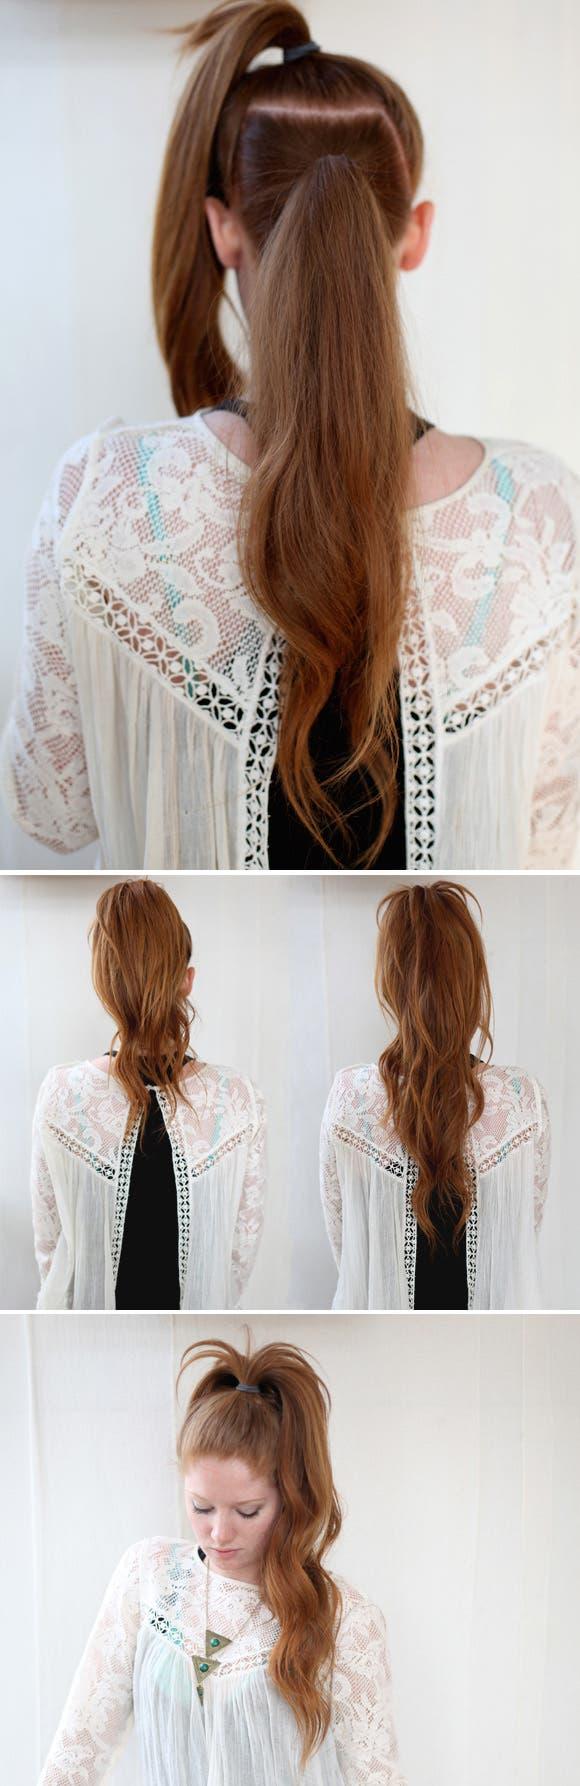 peinados-faciles-rapidos-20